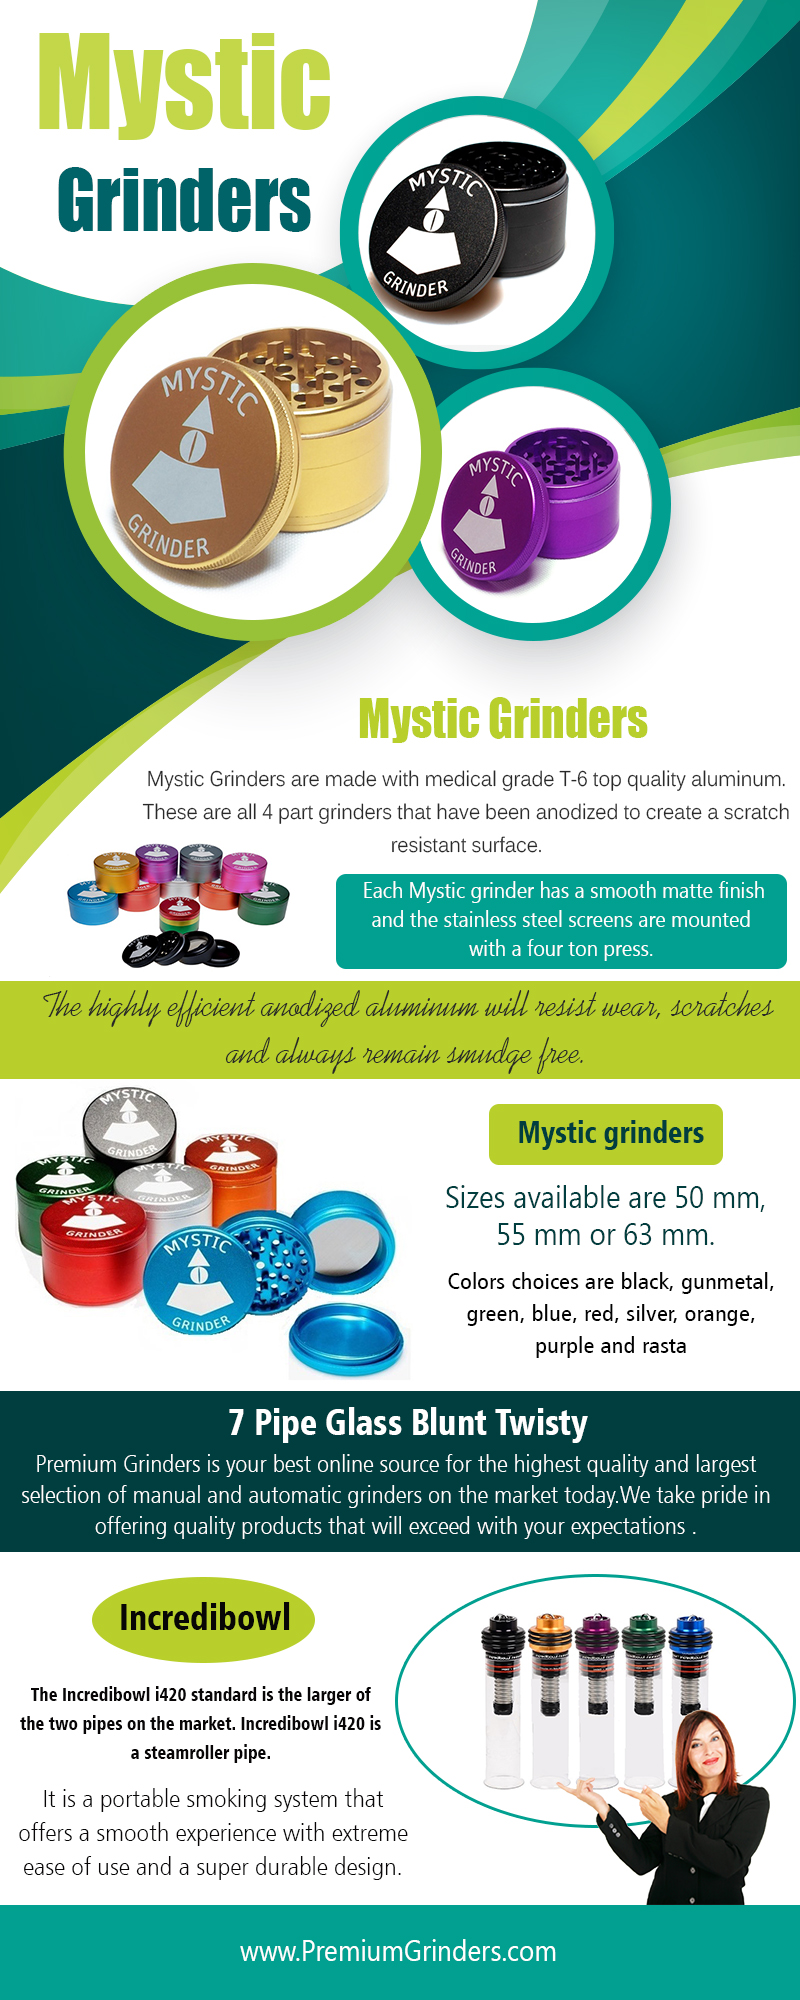 Mystic Grinders | 18006309350 | premiumgrinders.com